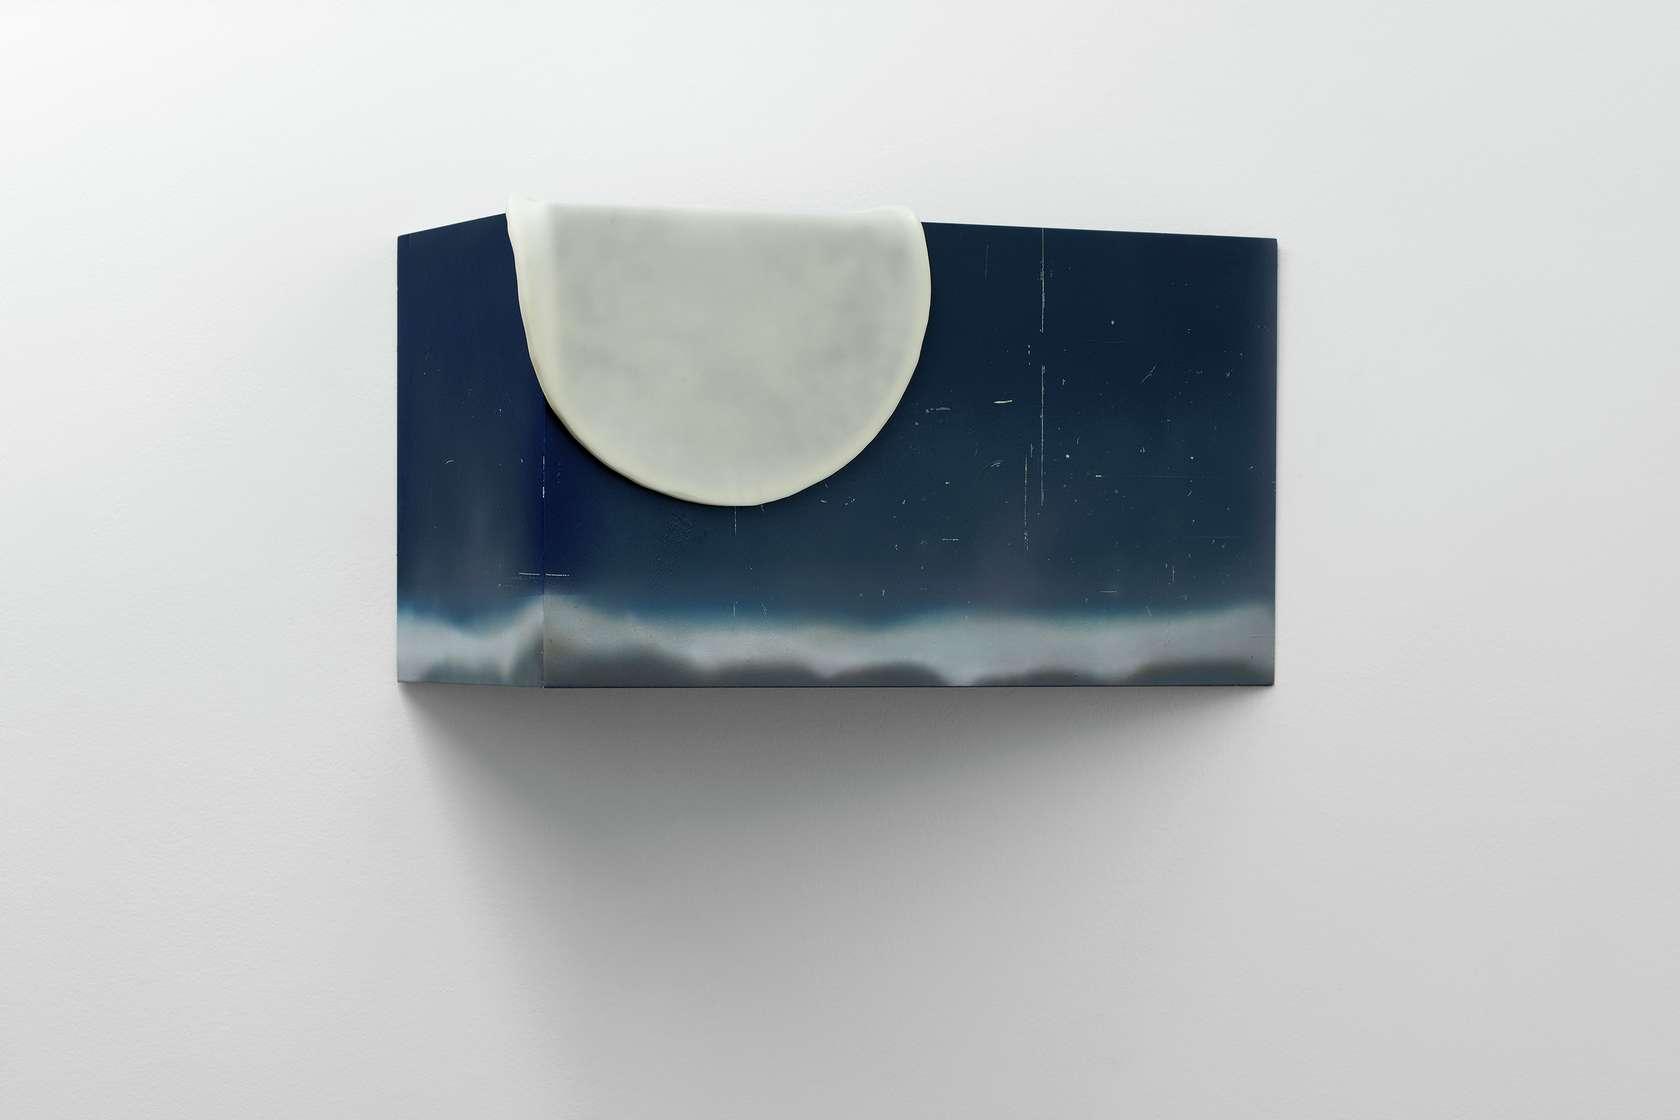 Julien Tiberi, Sans titre, 2019 Acrylique sur bois, silicone 34 × 60 × 30 cm / 13 3/8 × 23 5/8 × 11 6/8 in.